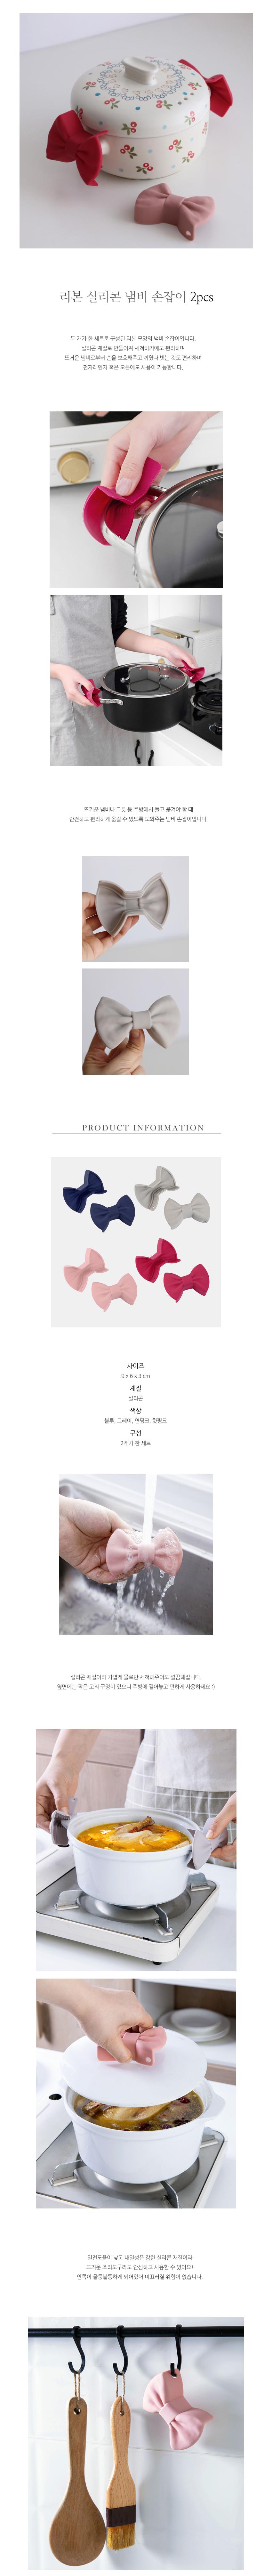 리본 실리콘 냄비 손잡이 2pcs - 진바스, 3,000원, 주방장갑/주방타올, 주방장갑